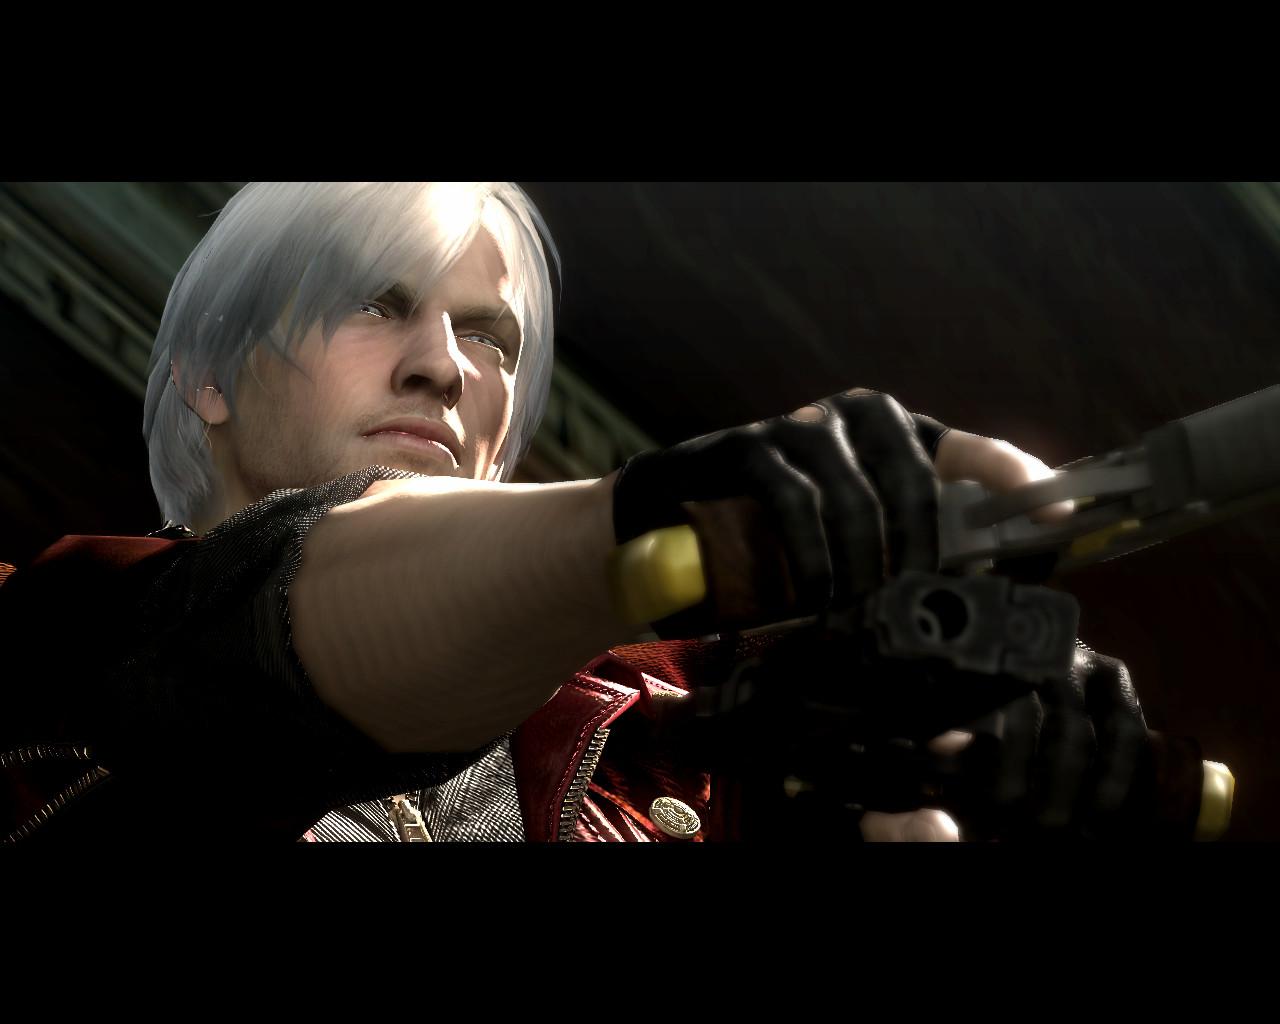 DMC4 Screens - Gun-point Dante by rog1234